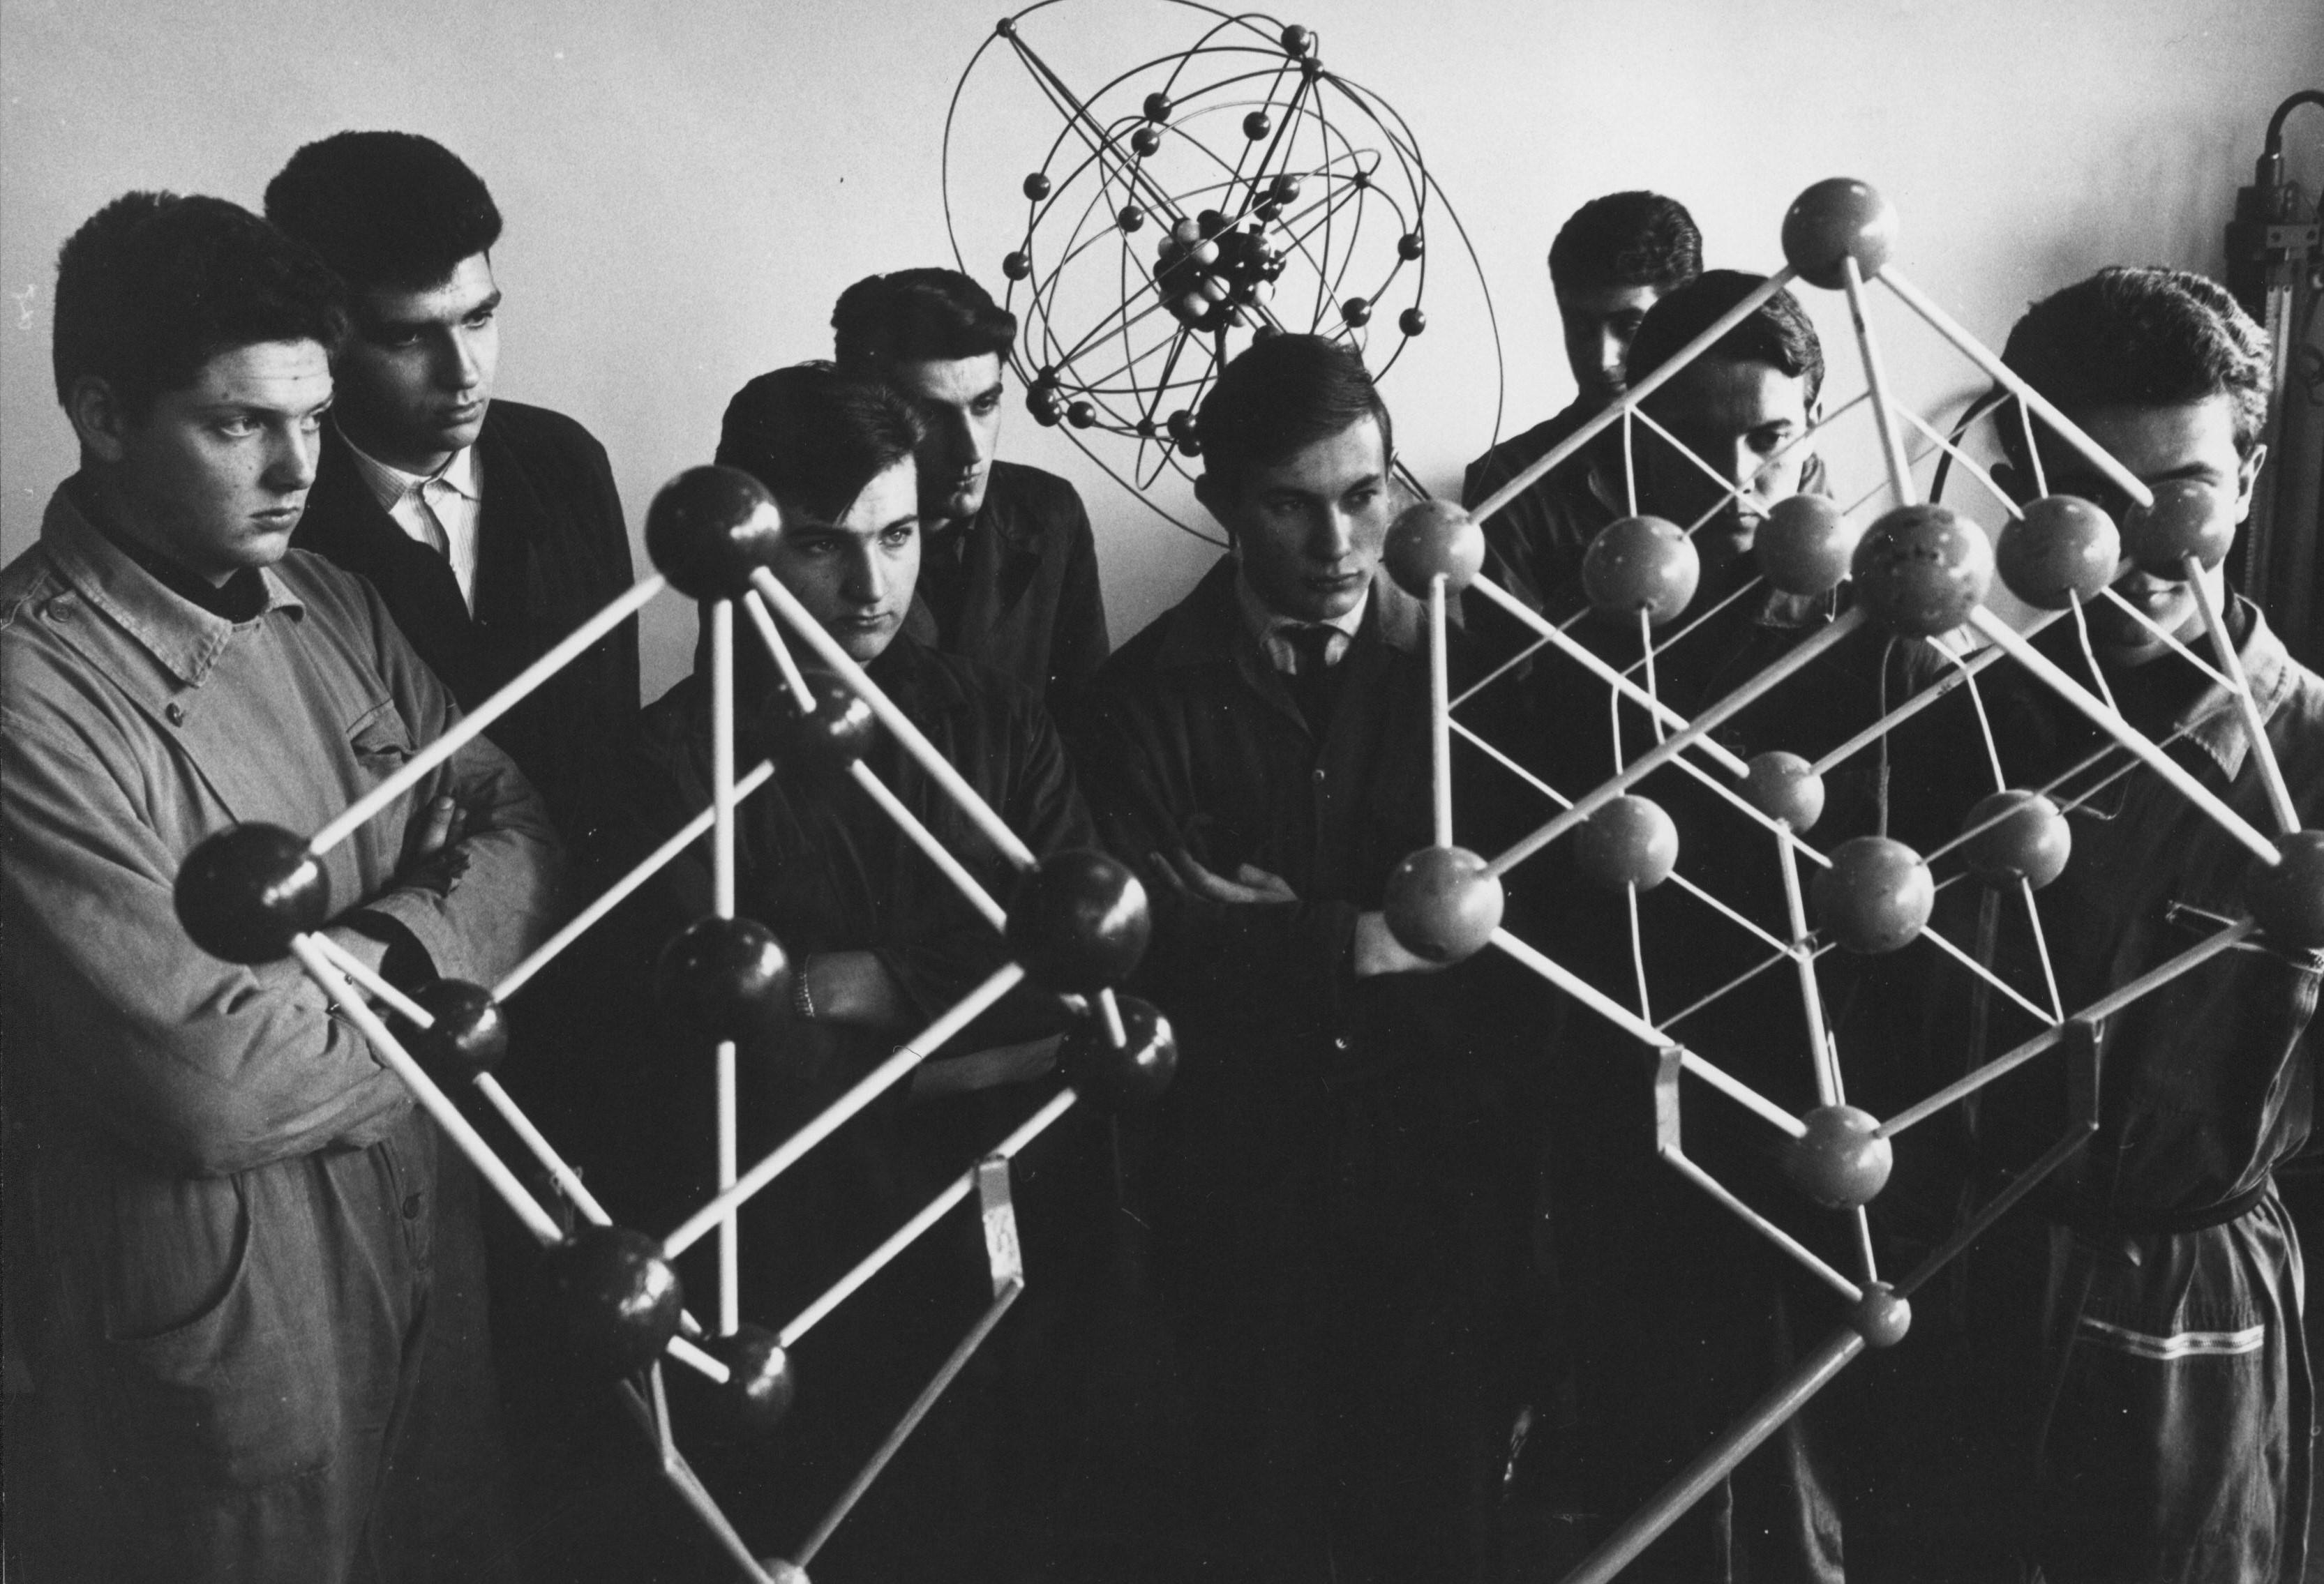 Mostra Gianni Berengo Gardin, Laboratorio di Meccanica Olivetti, Ivrea